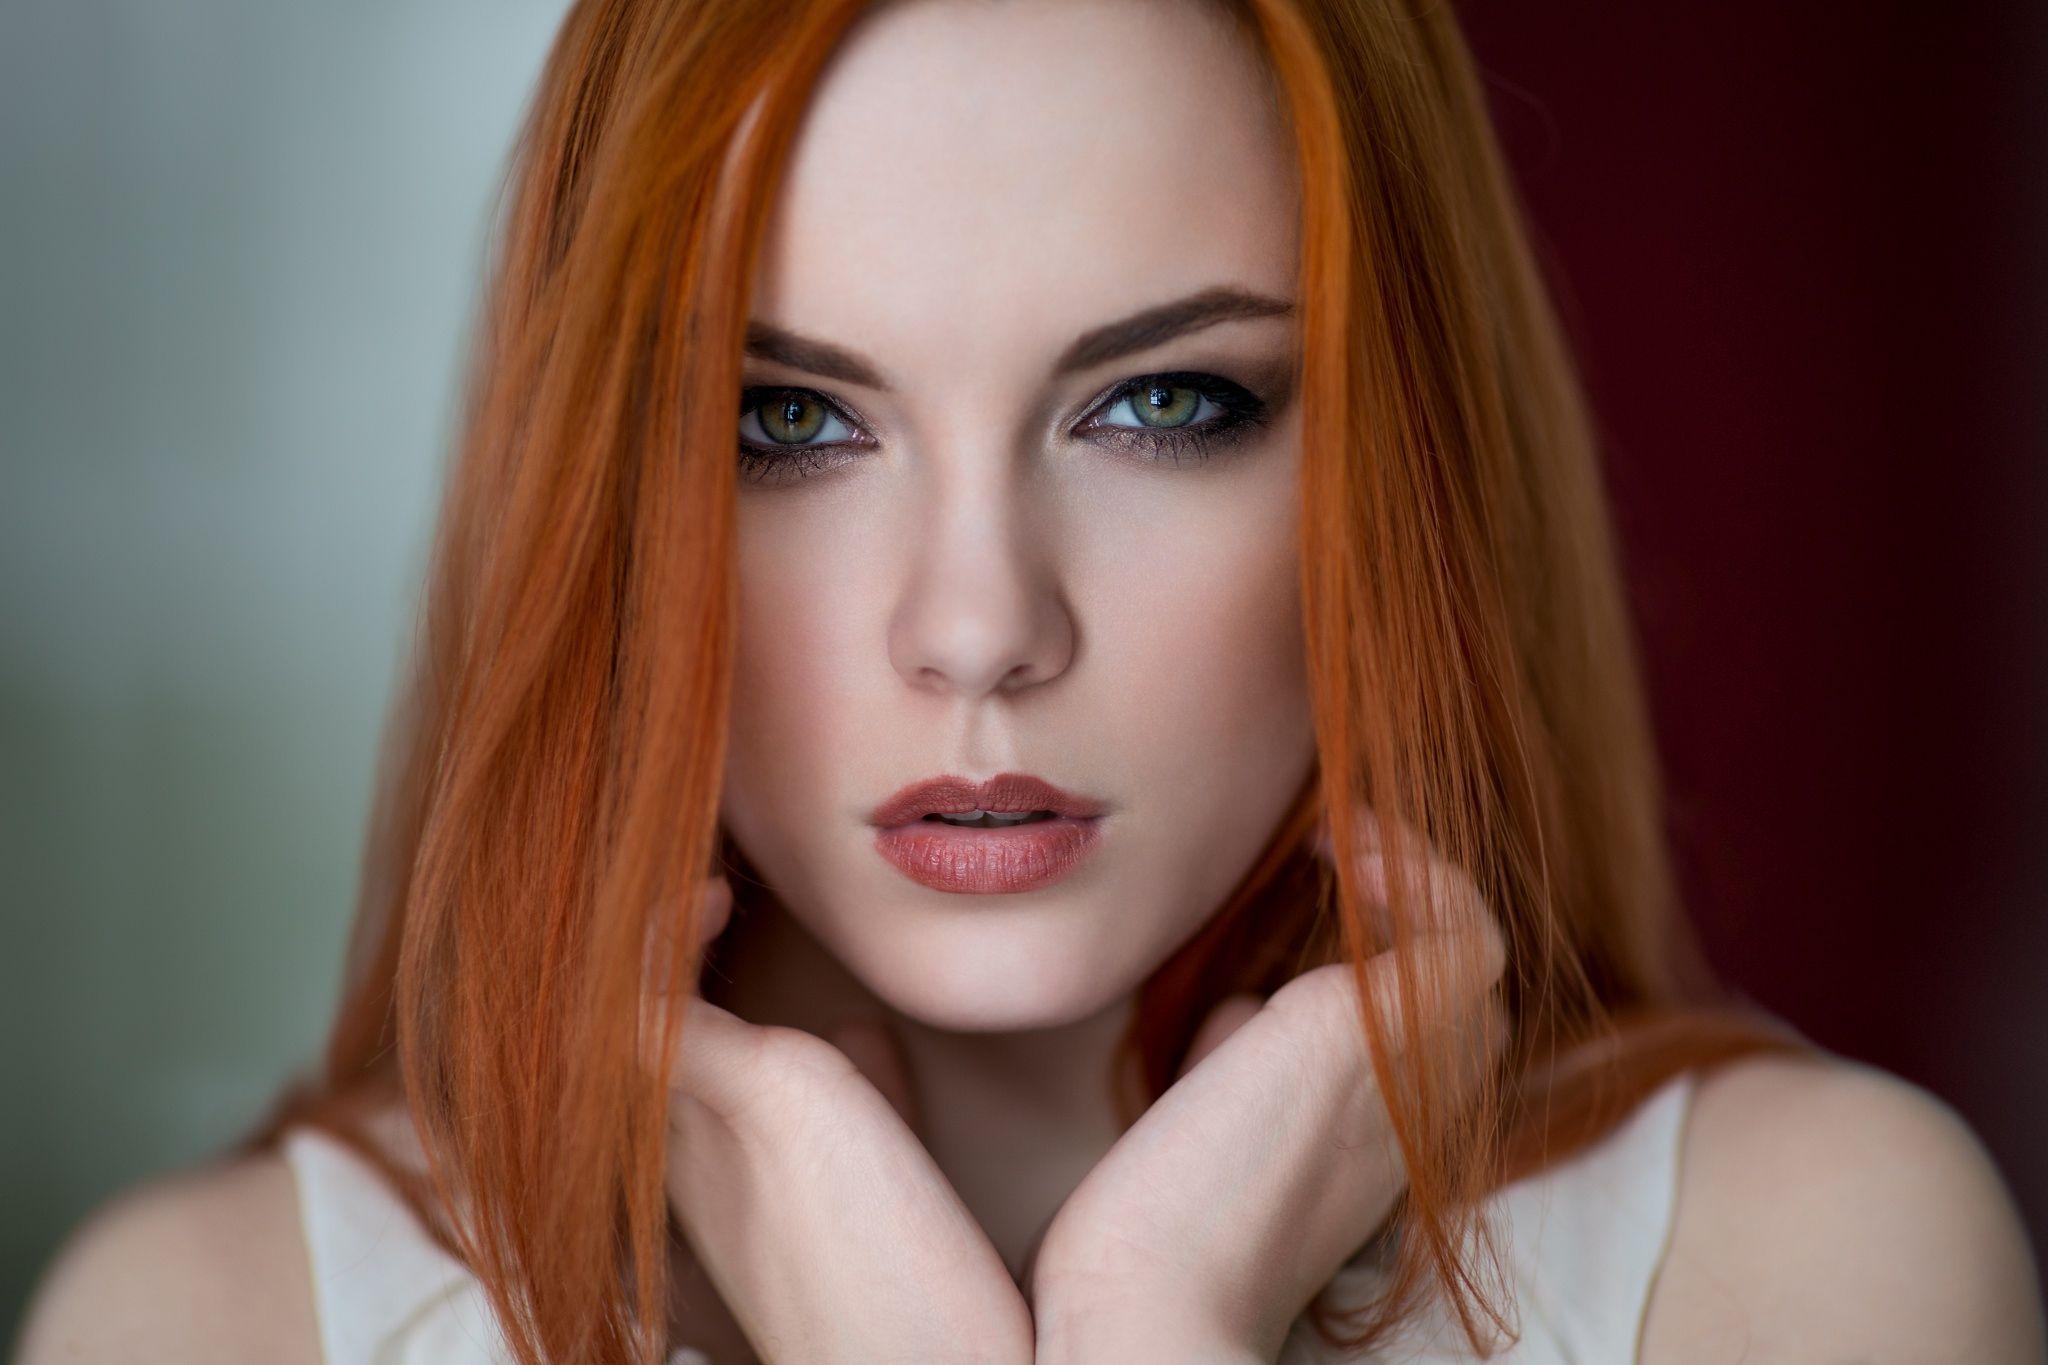 Eyes green redhead freckles